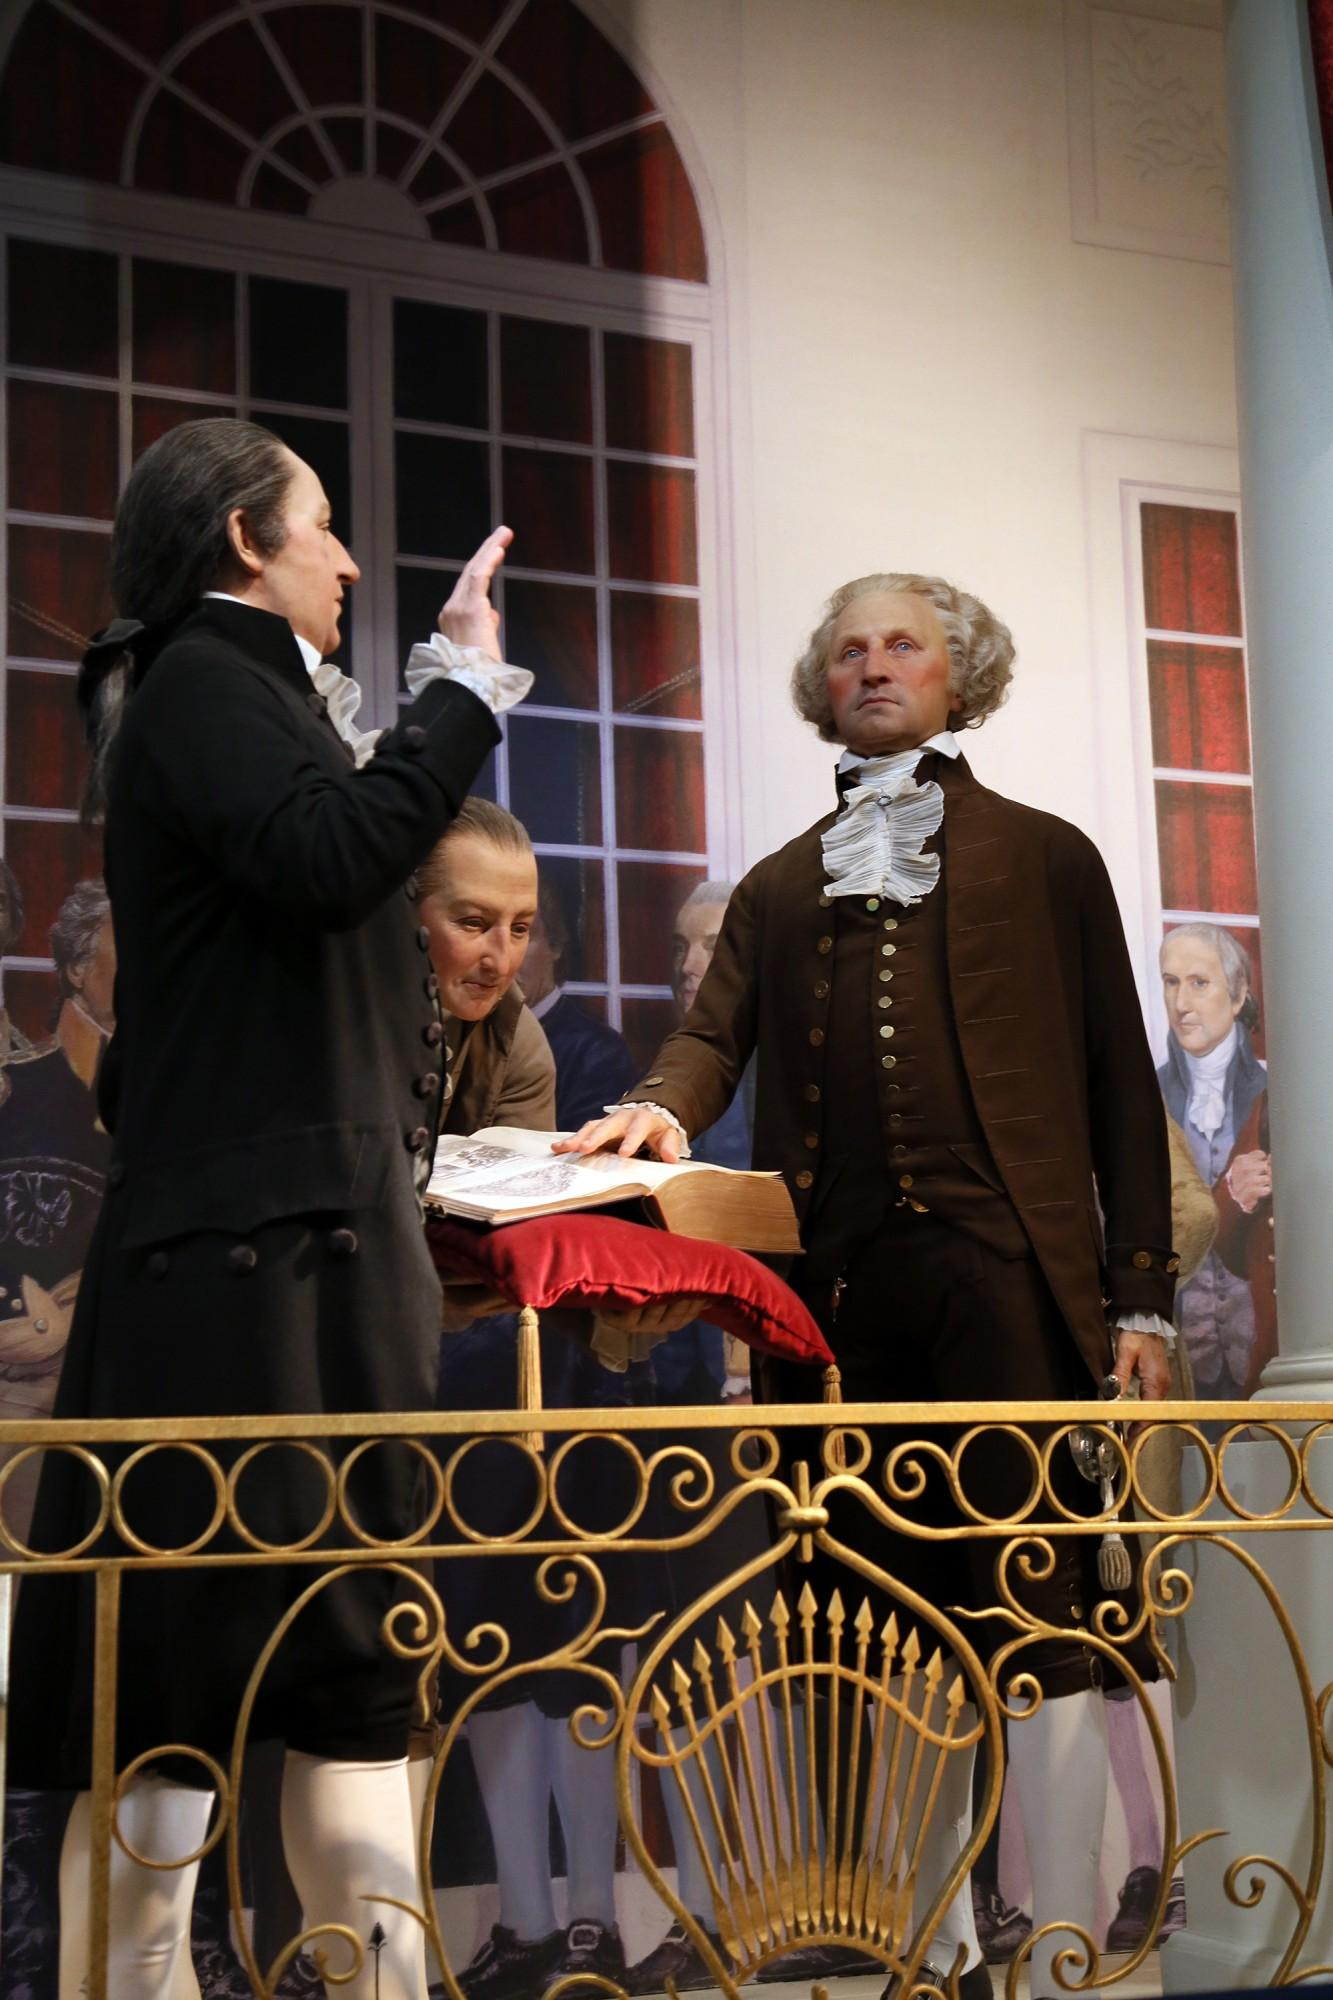 Timeline of the Inauguration of President Washington